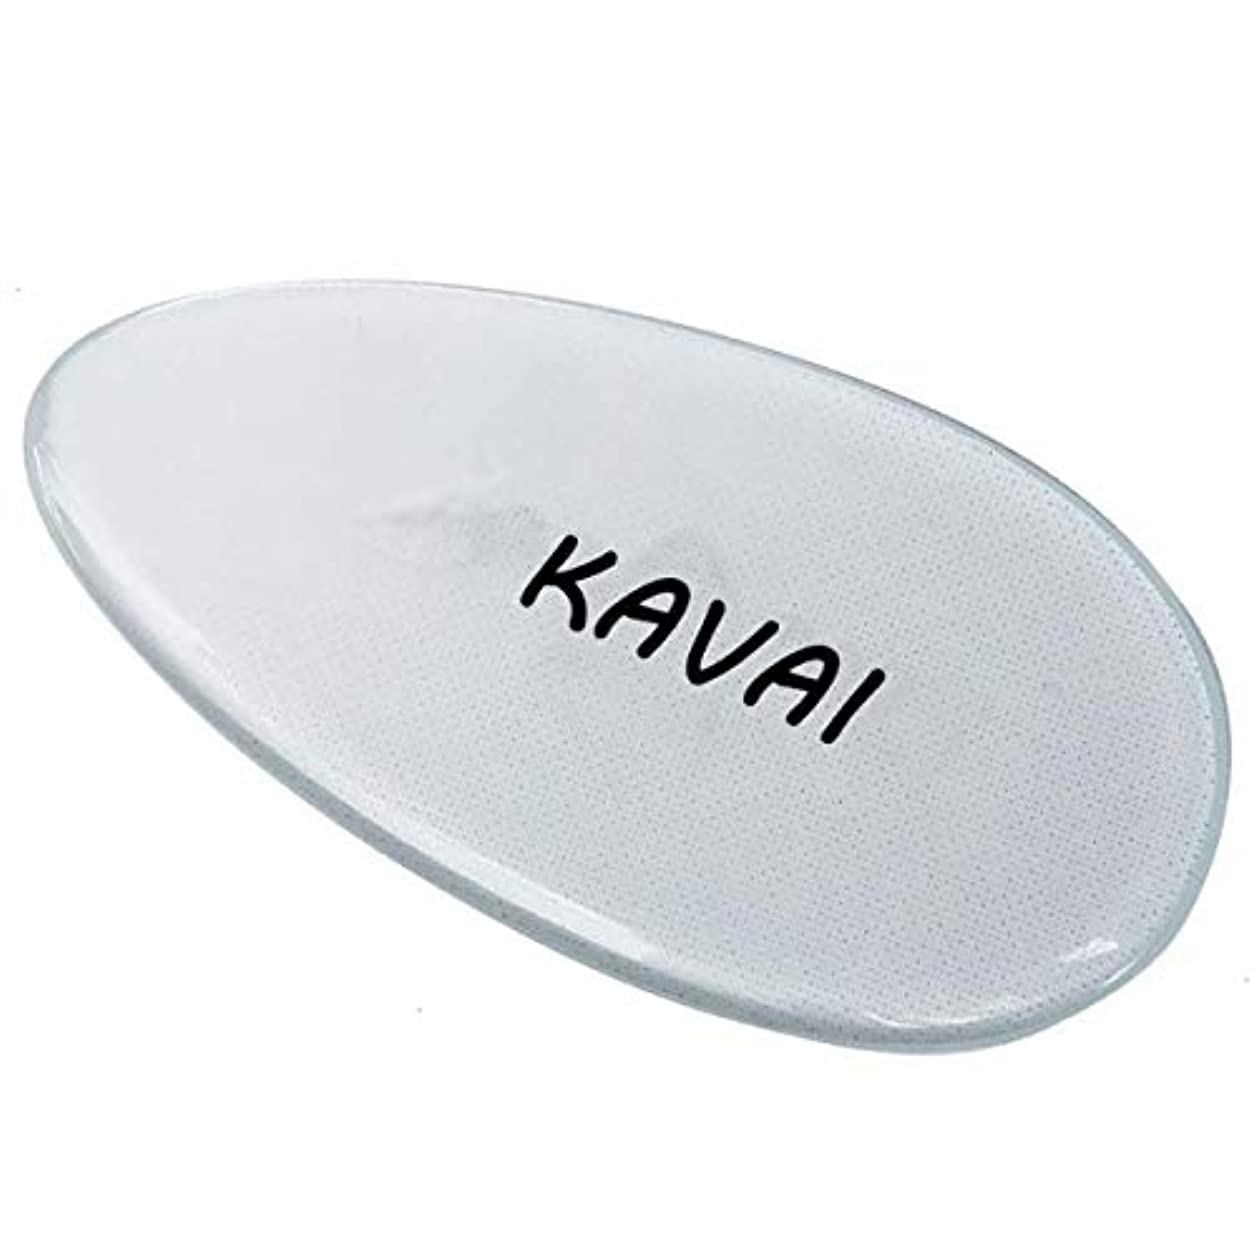 攻撃的芝生うつKavai かかと削り, かかと 角質取り ガラス, ガラス製かかとやすり 足 かかと削り かかと削り かかと磨き ガラス製 爪やすり (かかと削り)